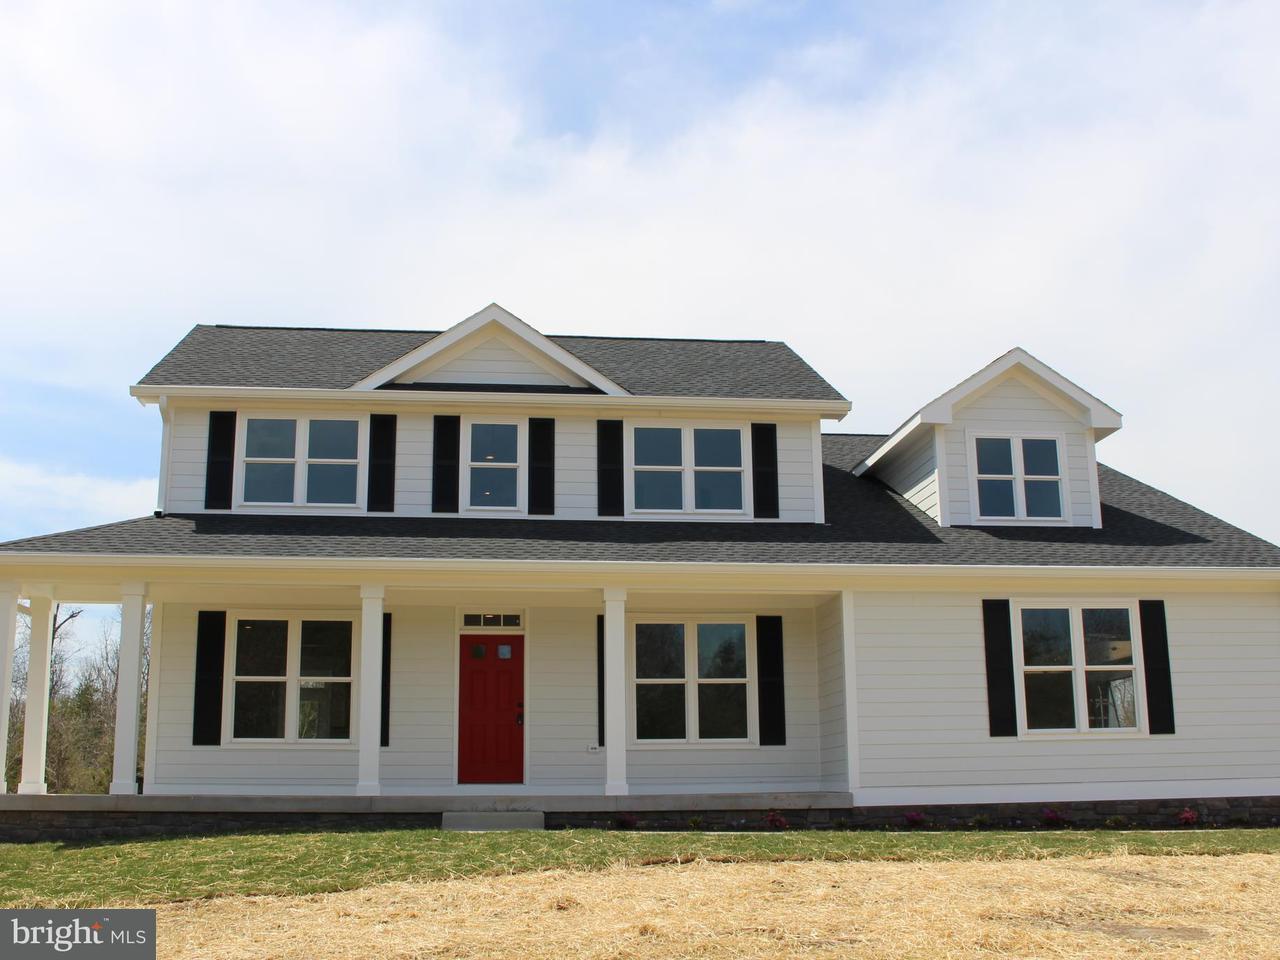 独户住宅 为 销售 在 15282 Kellys Ford Road 15282 Kellys Ford Road Remington, 弗吉尼亚州 22734 美国